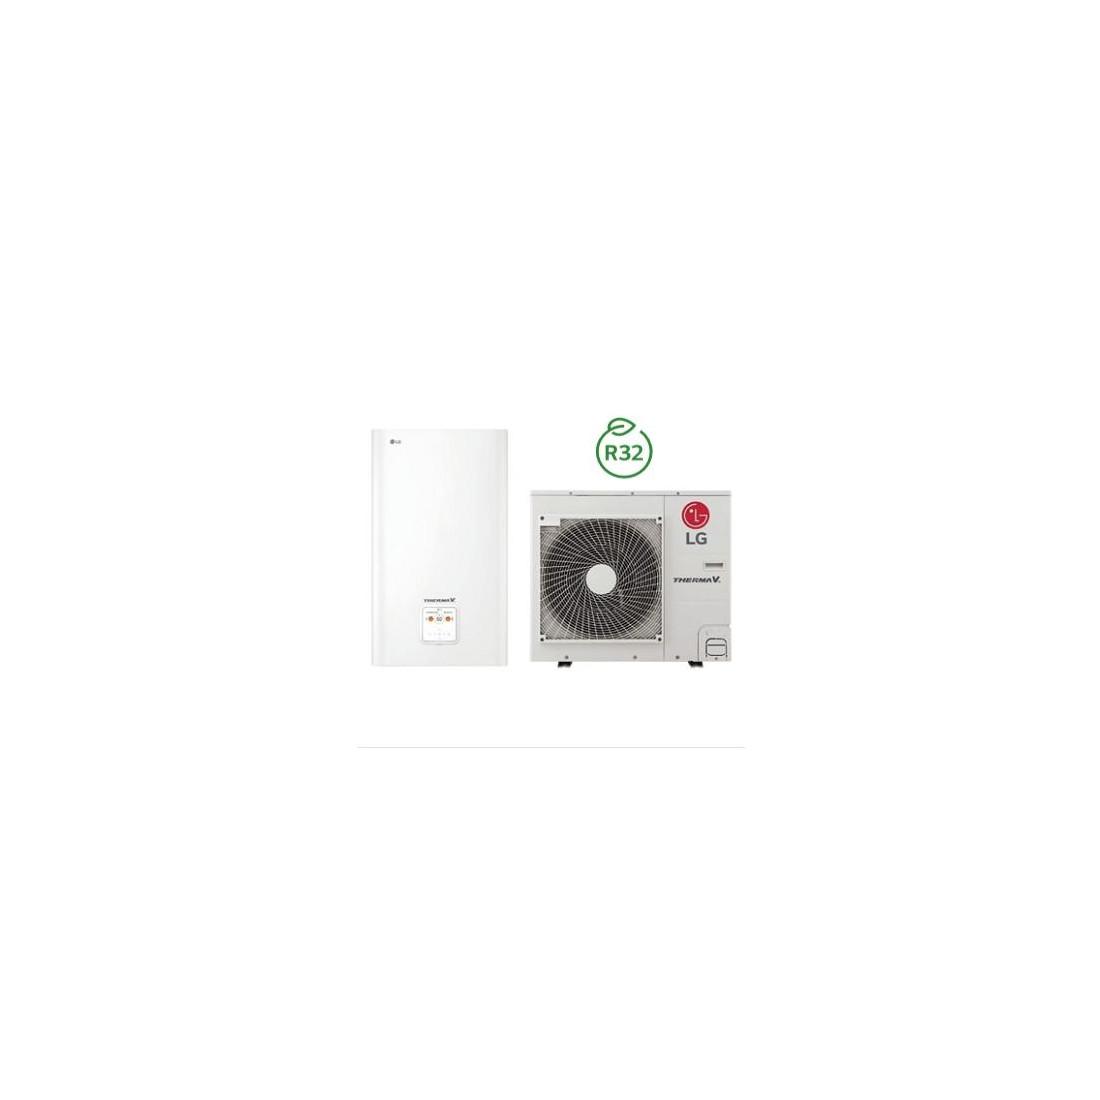 Šilumos siurblys Oras-Vanduo LG Therma V, Split, 9 kW Ø1 + kondicionierius LG tik už 1 ct!